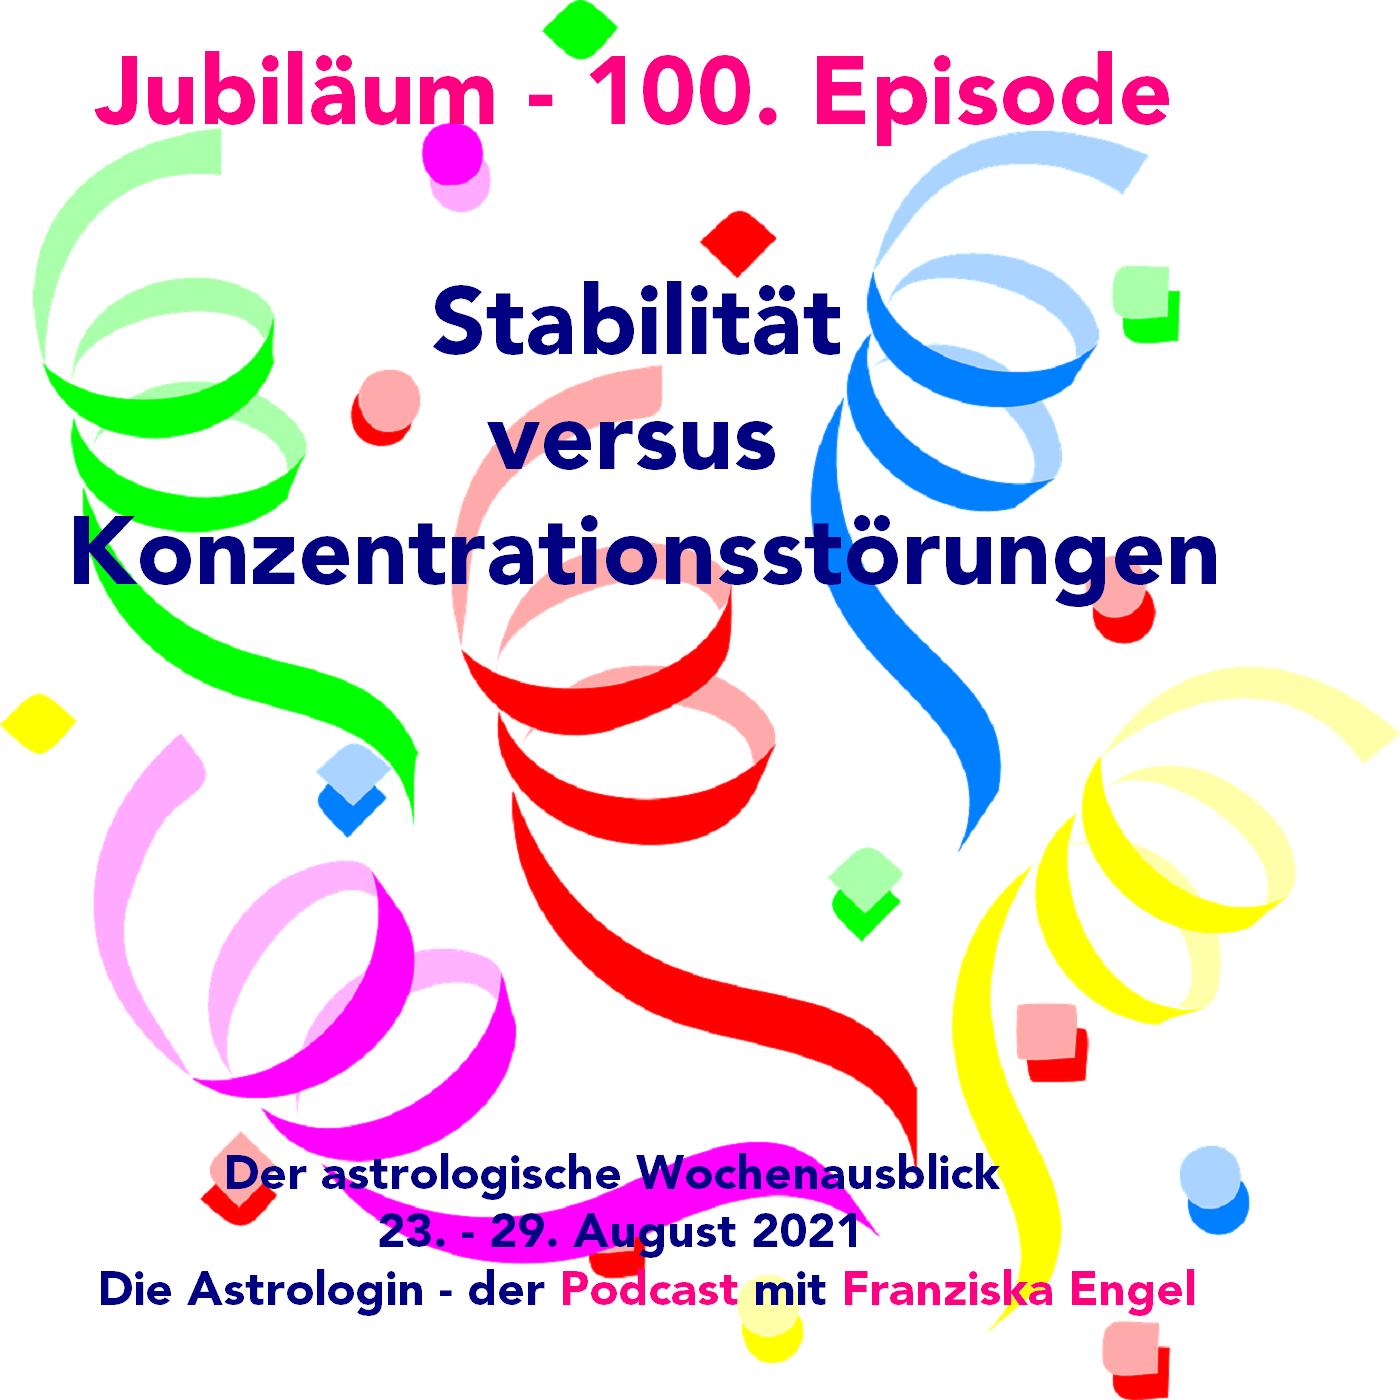 Jubiläum - 100. Episode - Stabilität versus Konzentrationsstörungen